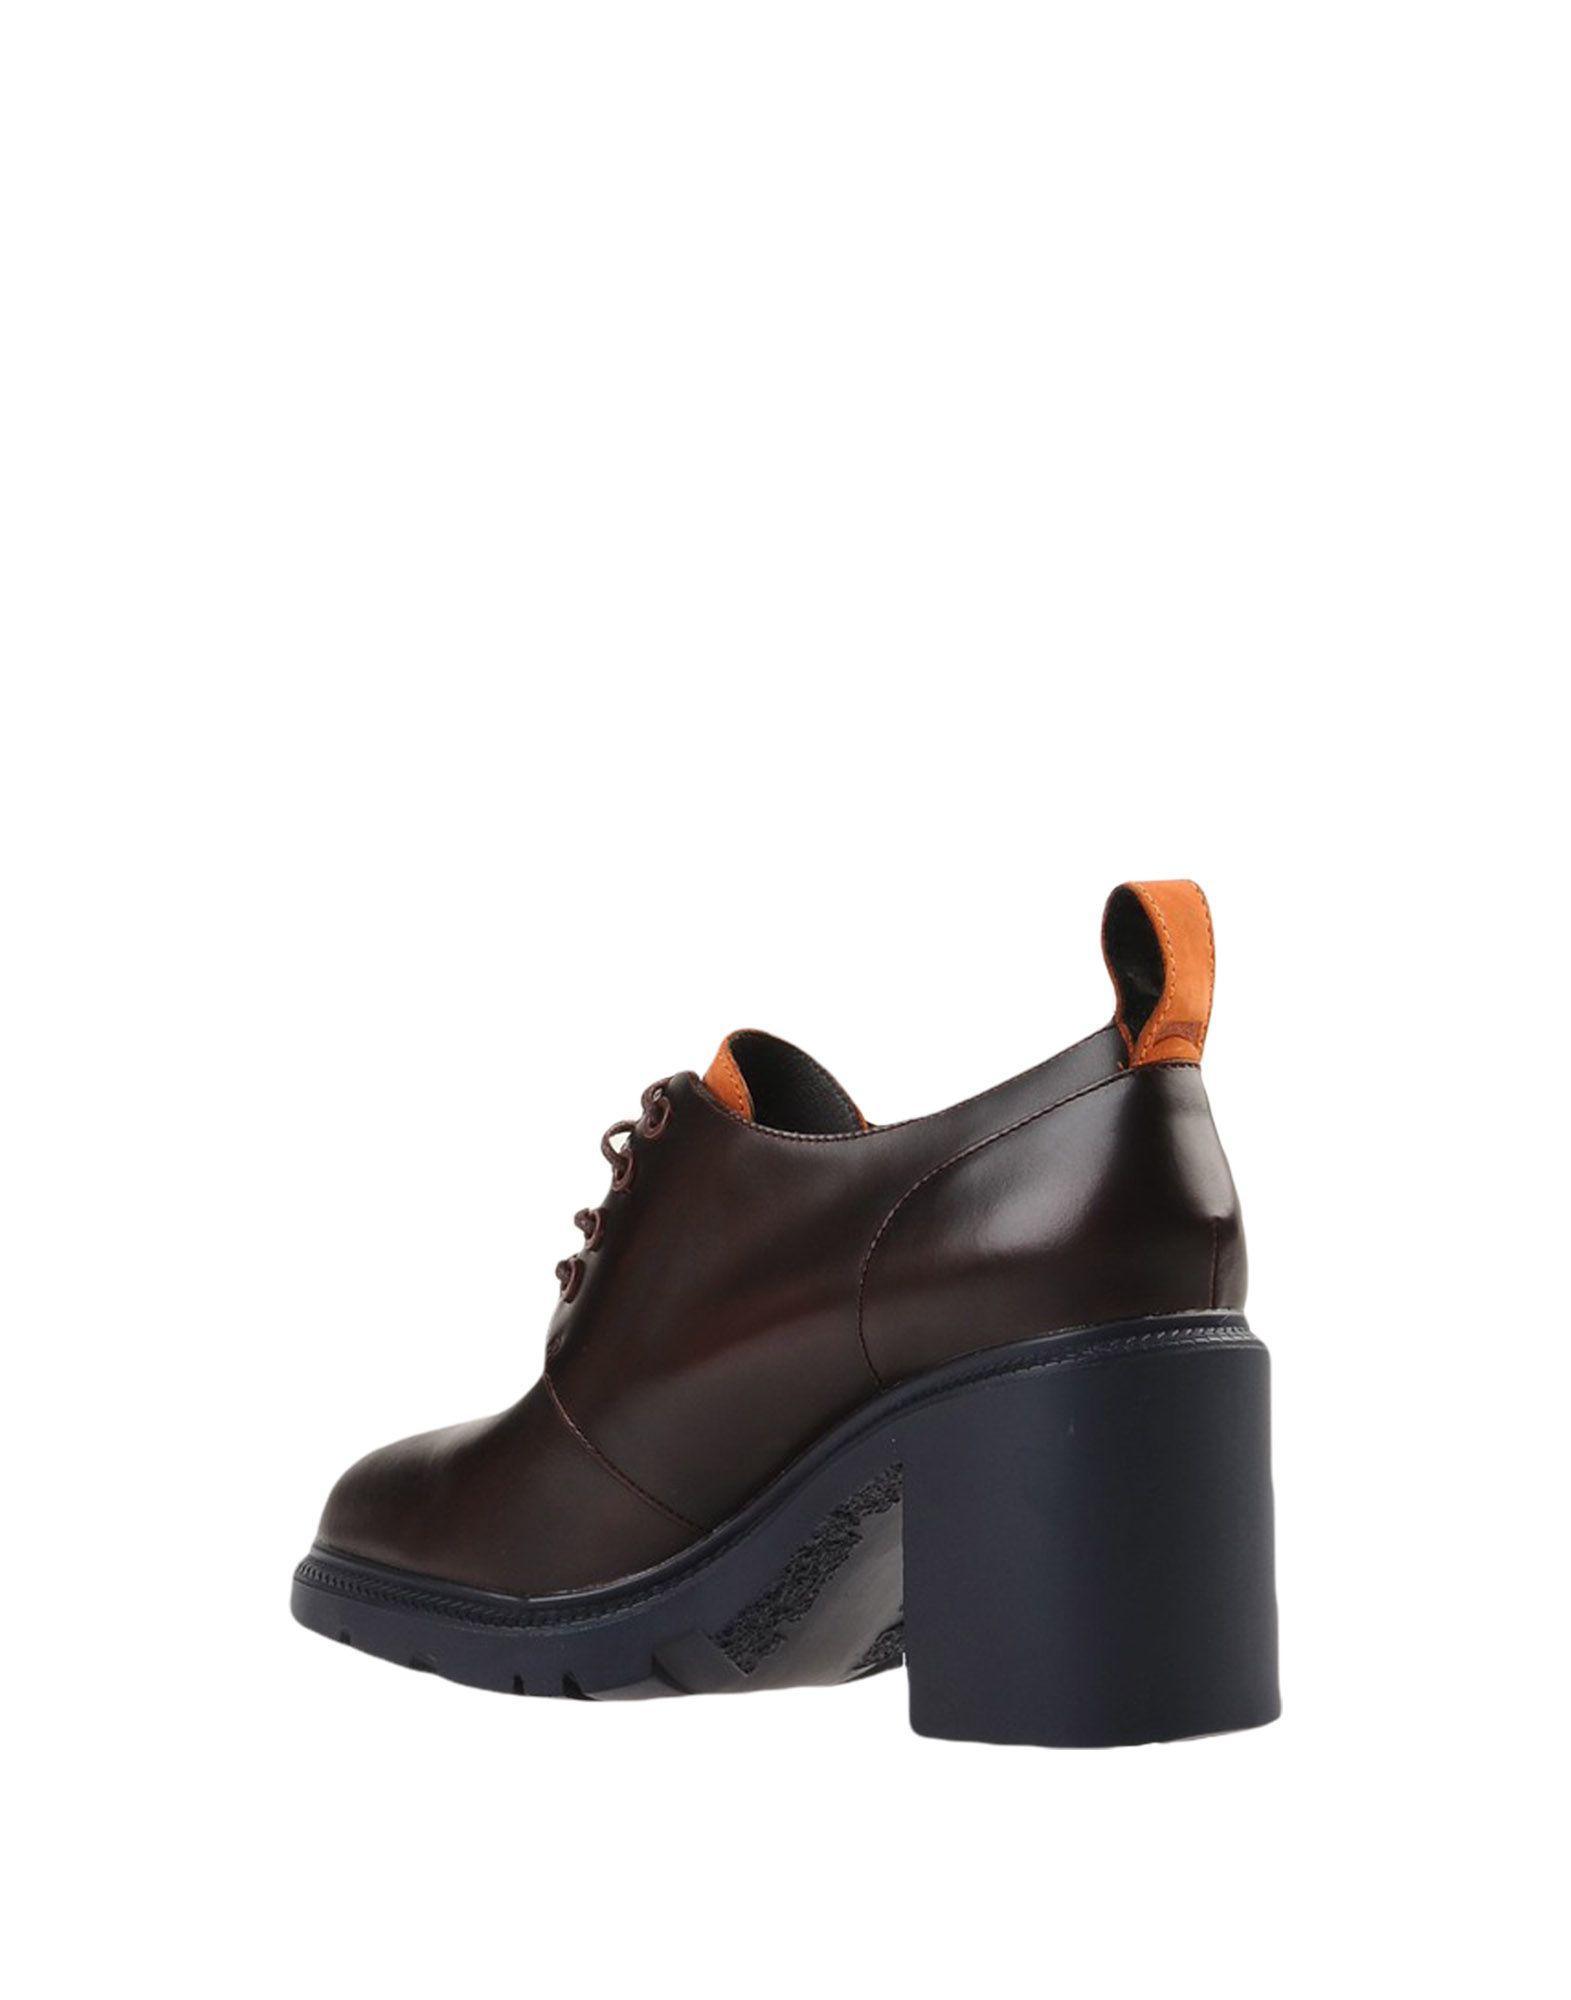 1c9e1d8d97e644 Lyst - Camper Lace-up Shoe in Black